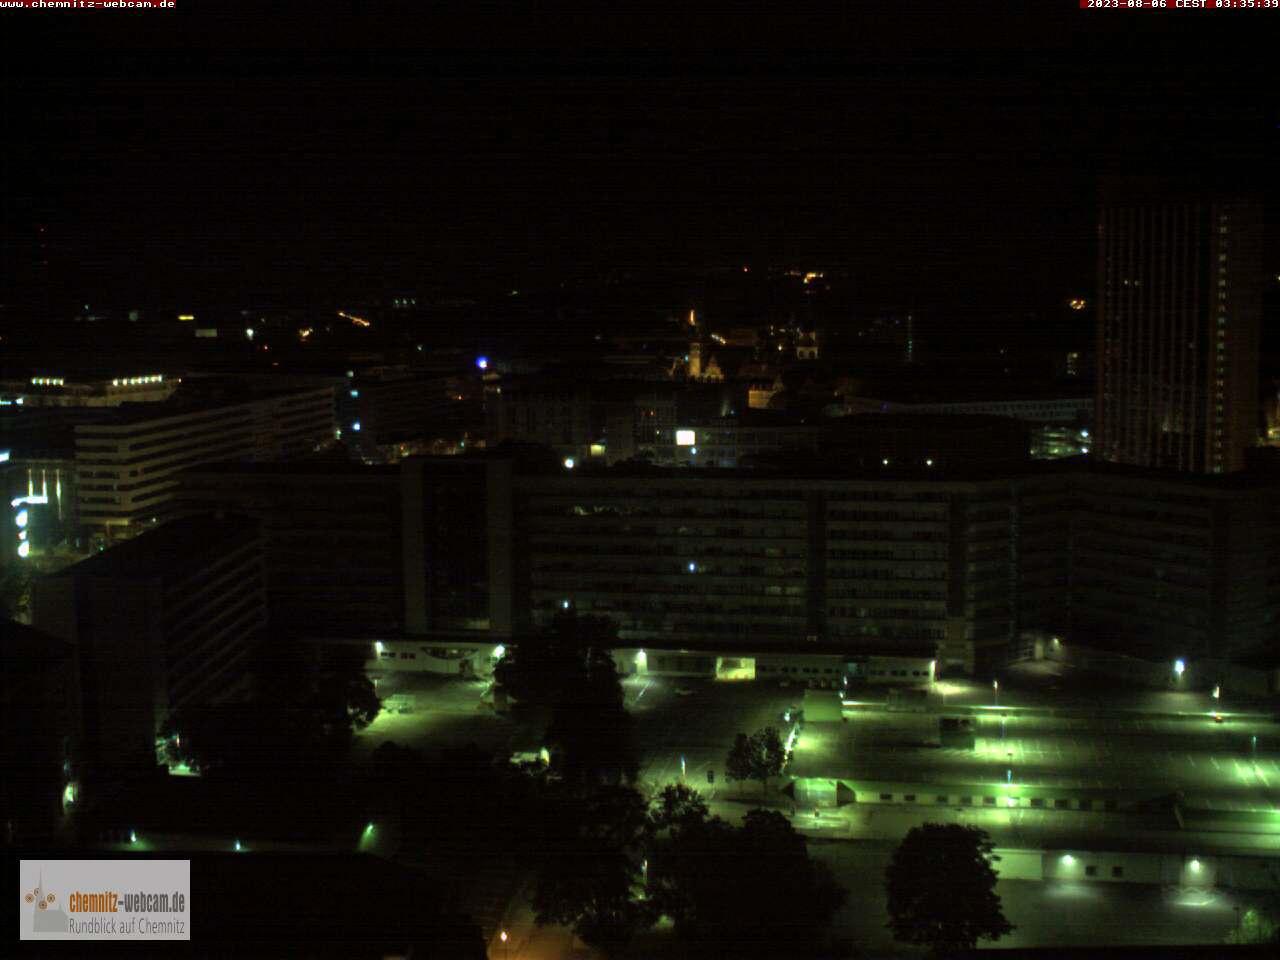 Chemnitz Sat. 03:45